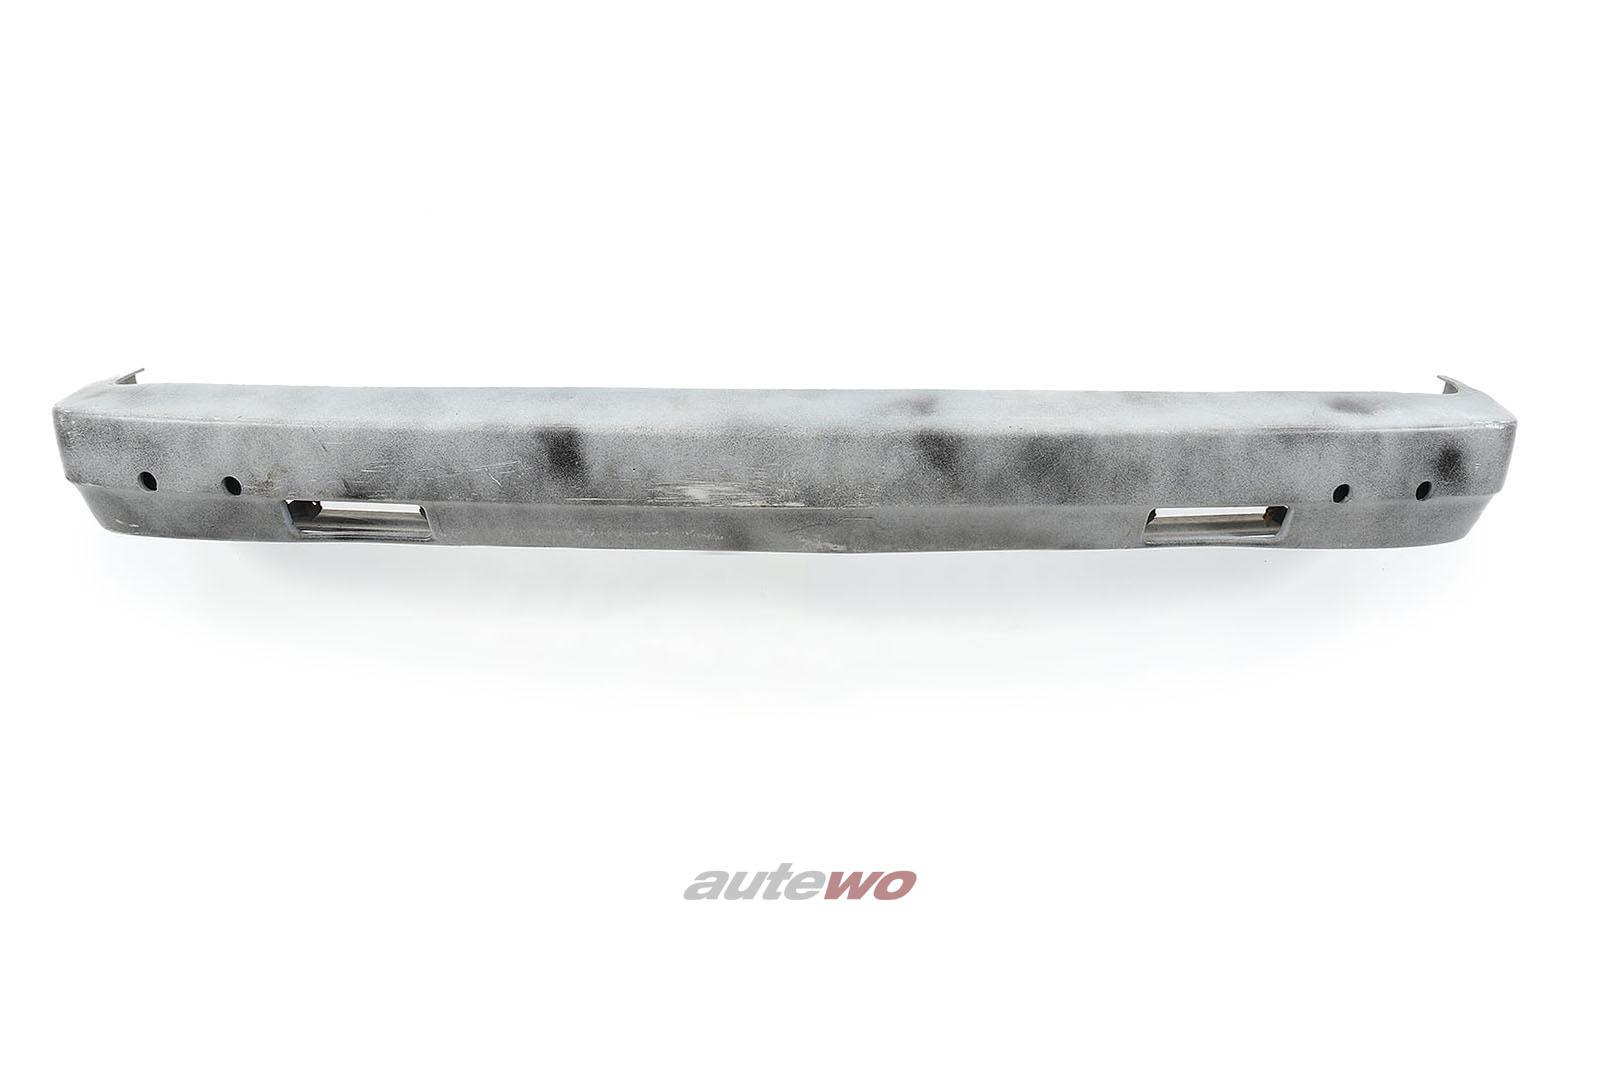 857807230B 857807237A Audi Urquattro Typ 85 Träger Frontstoßstange US-Version